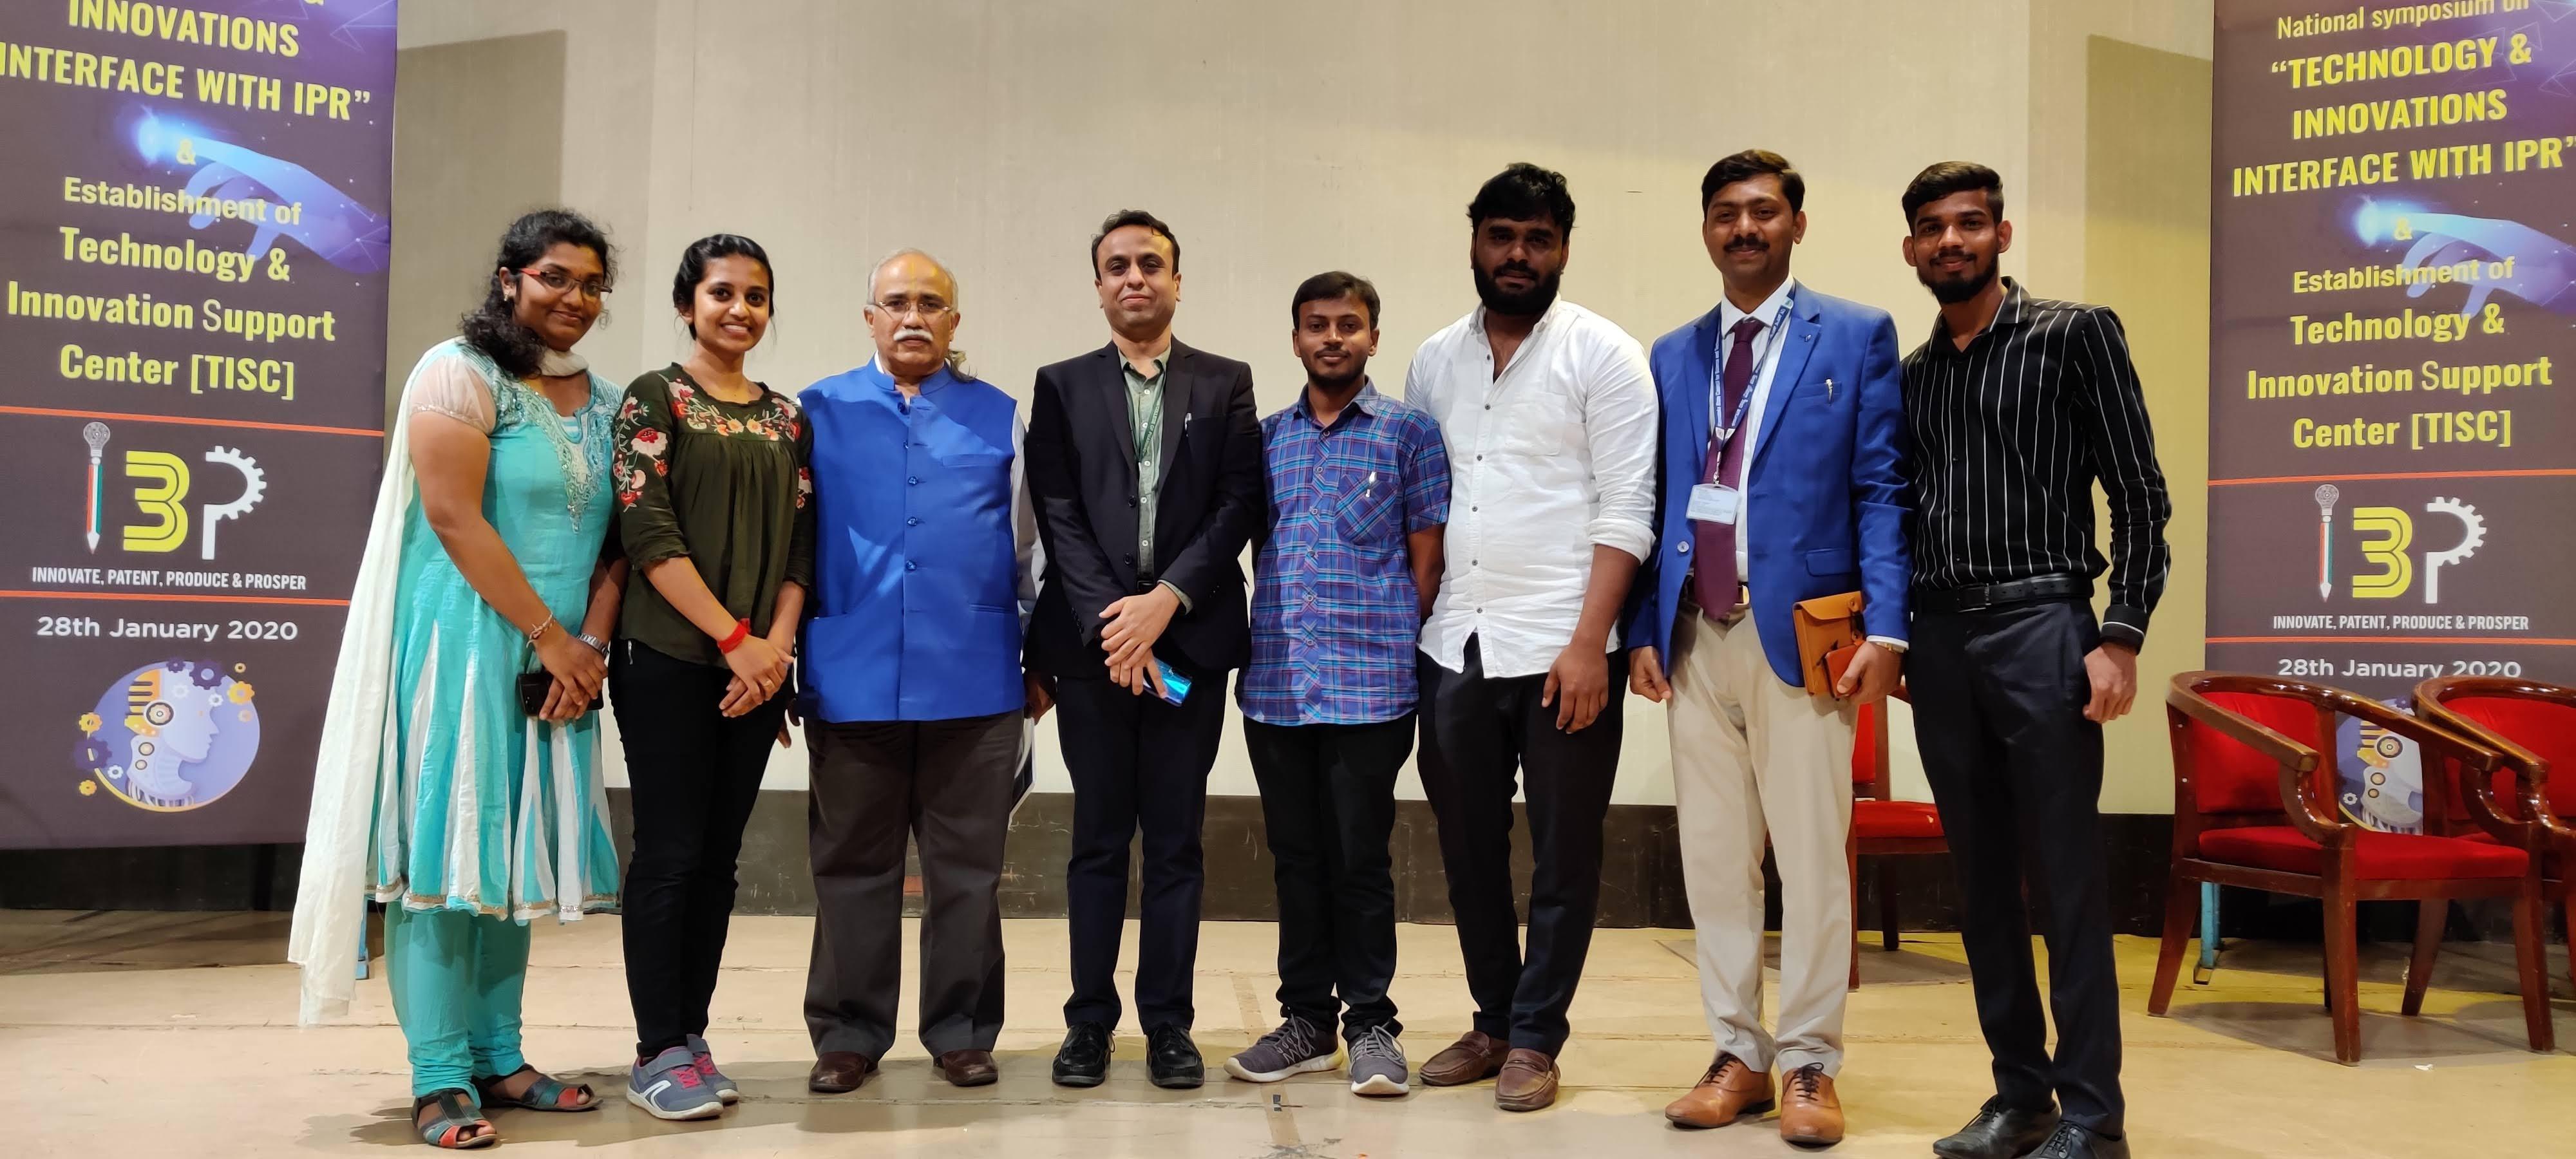 National Symposiumon Technology